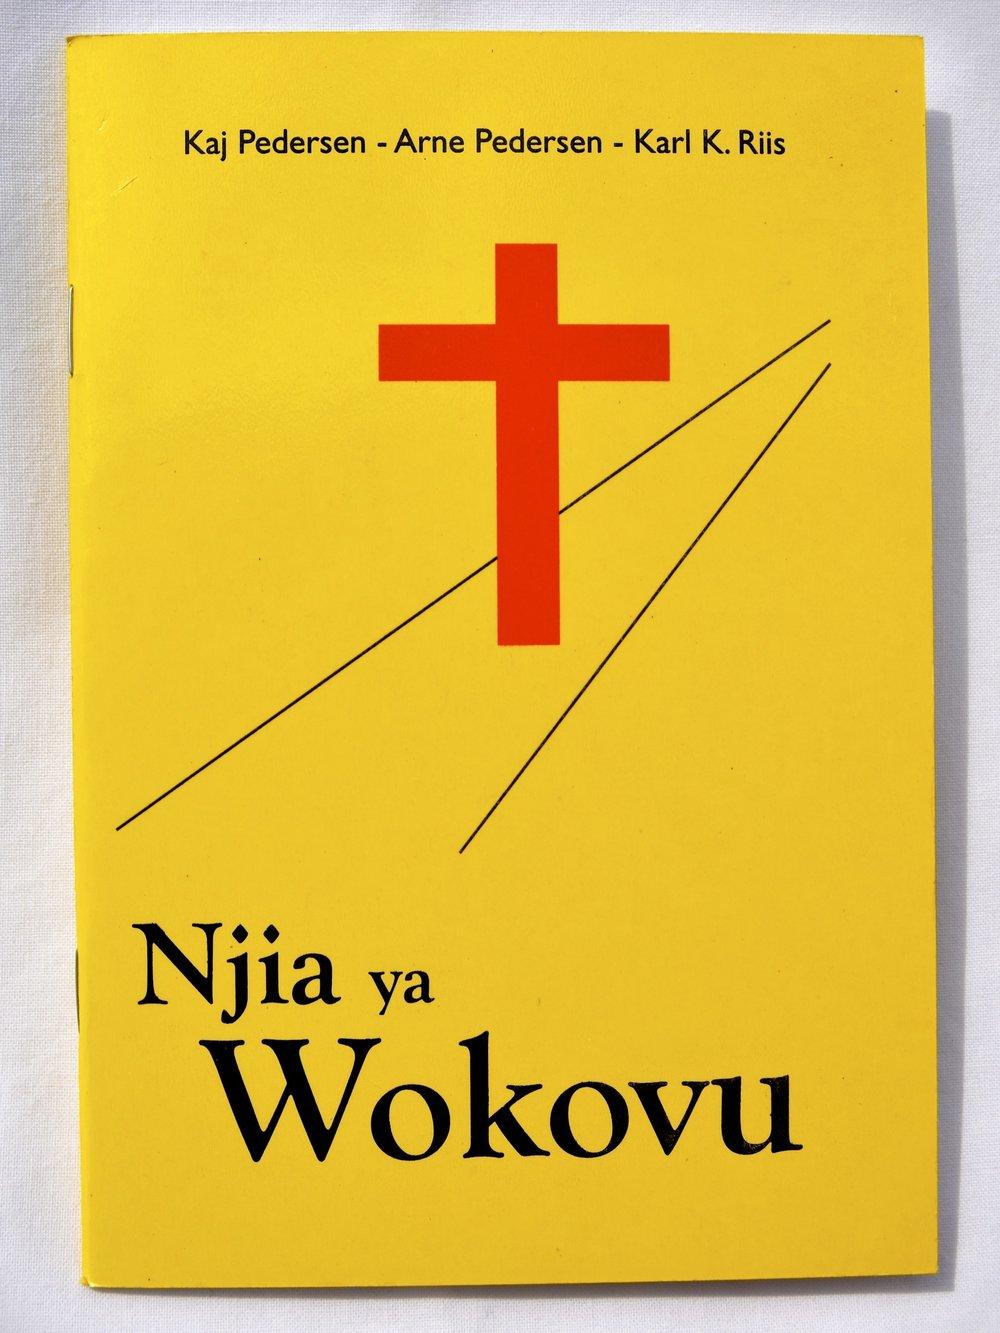 Njia ya Wokovu.jpg